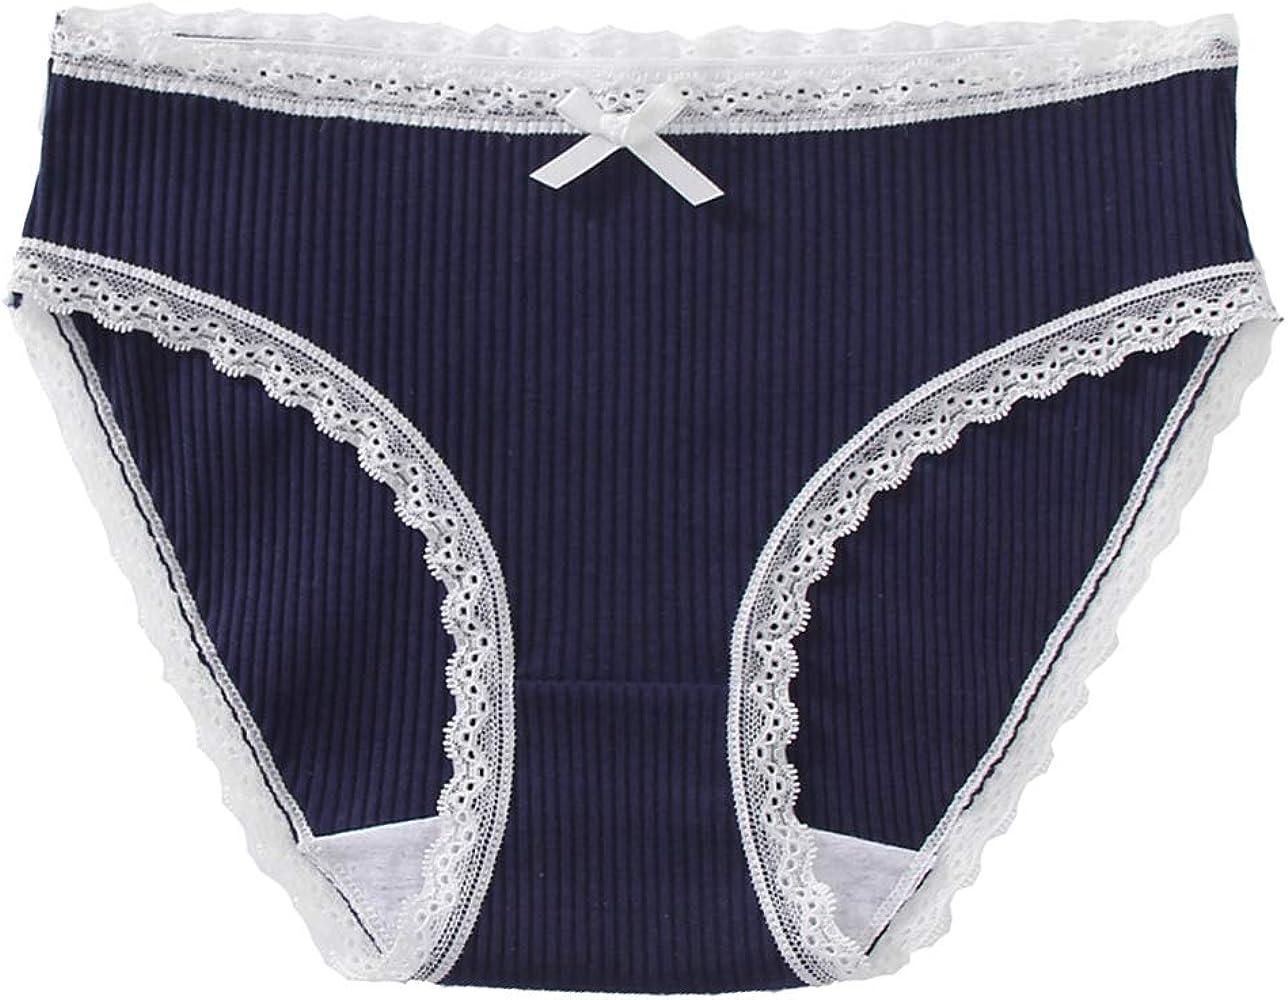 Puimentiua Ropa Interior y Lencería Bragitas de Algodón para Mujer de M-XL Tamaño Bragas de Cintura Media Cómodo Calzoncillo Bikini: Amazon.es: Ropa y accesorios